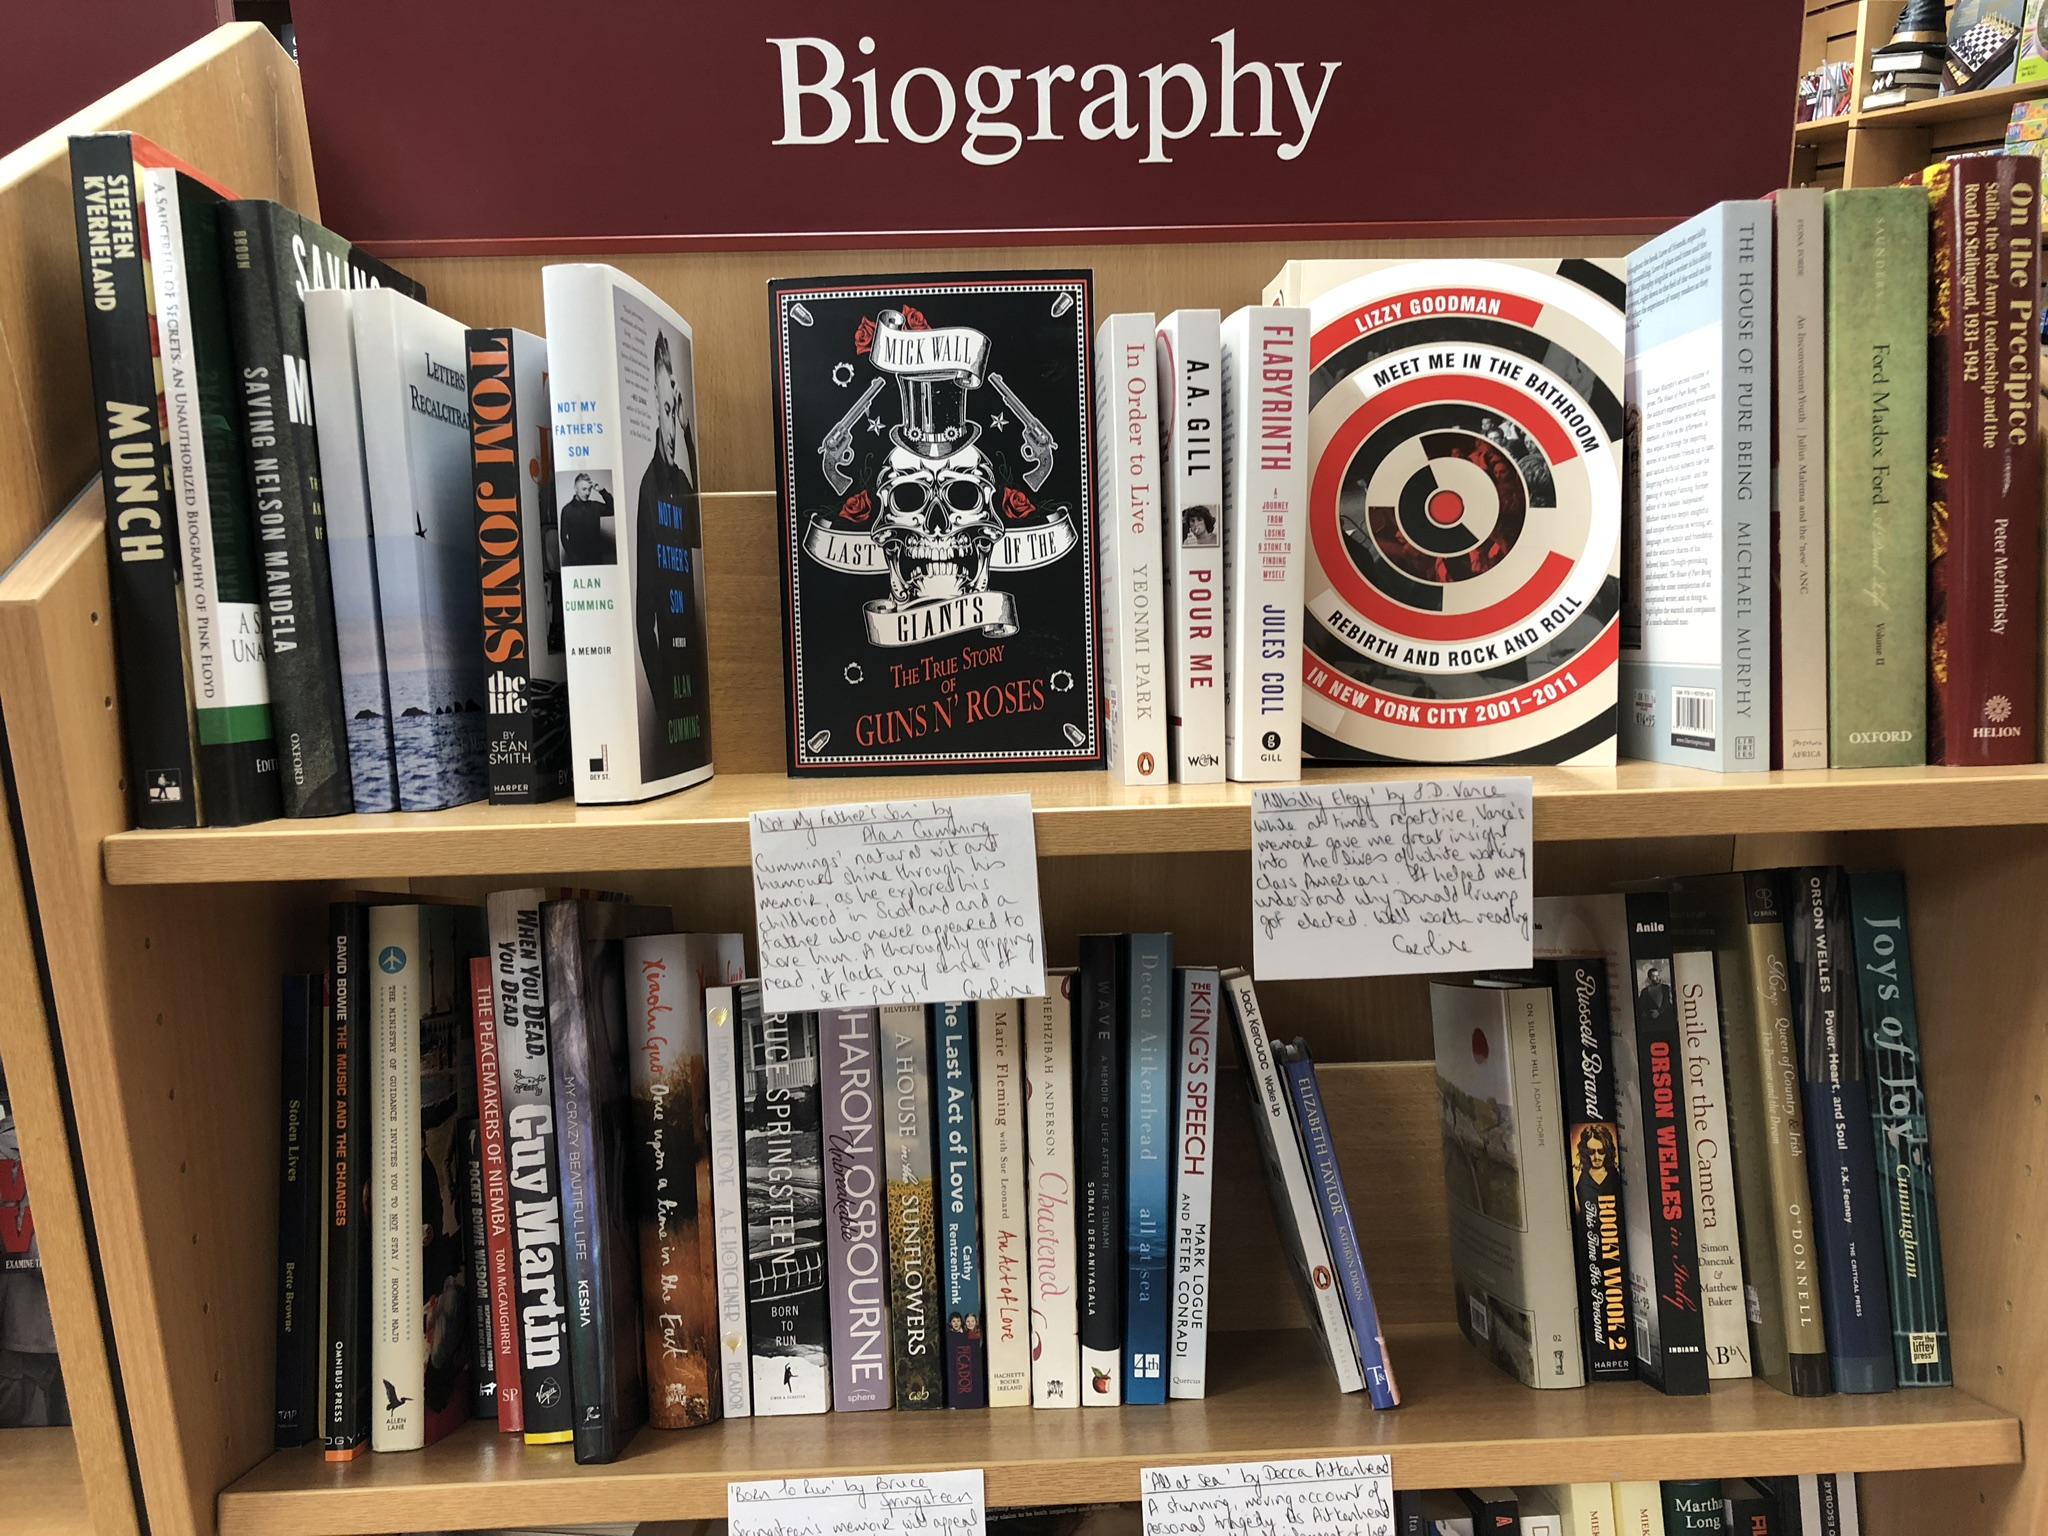 Notas a mano en libreria 2